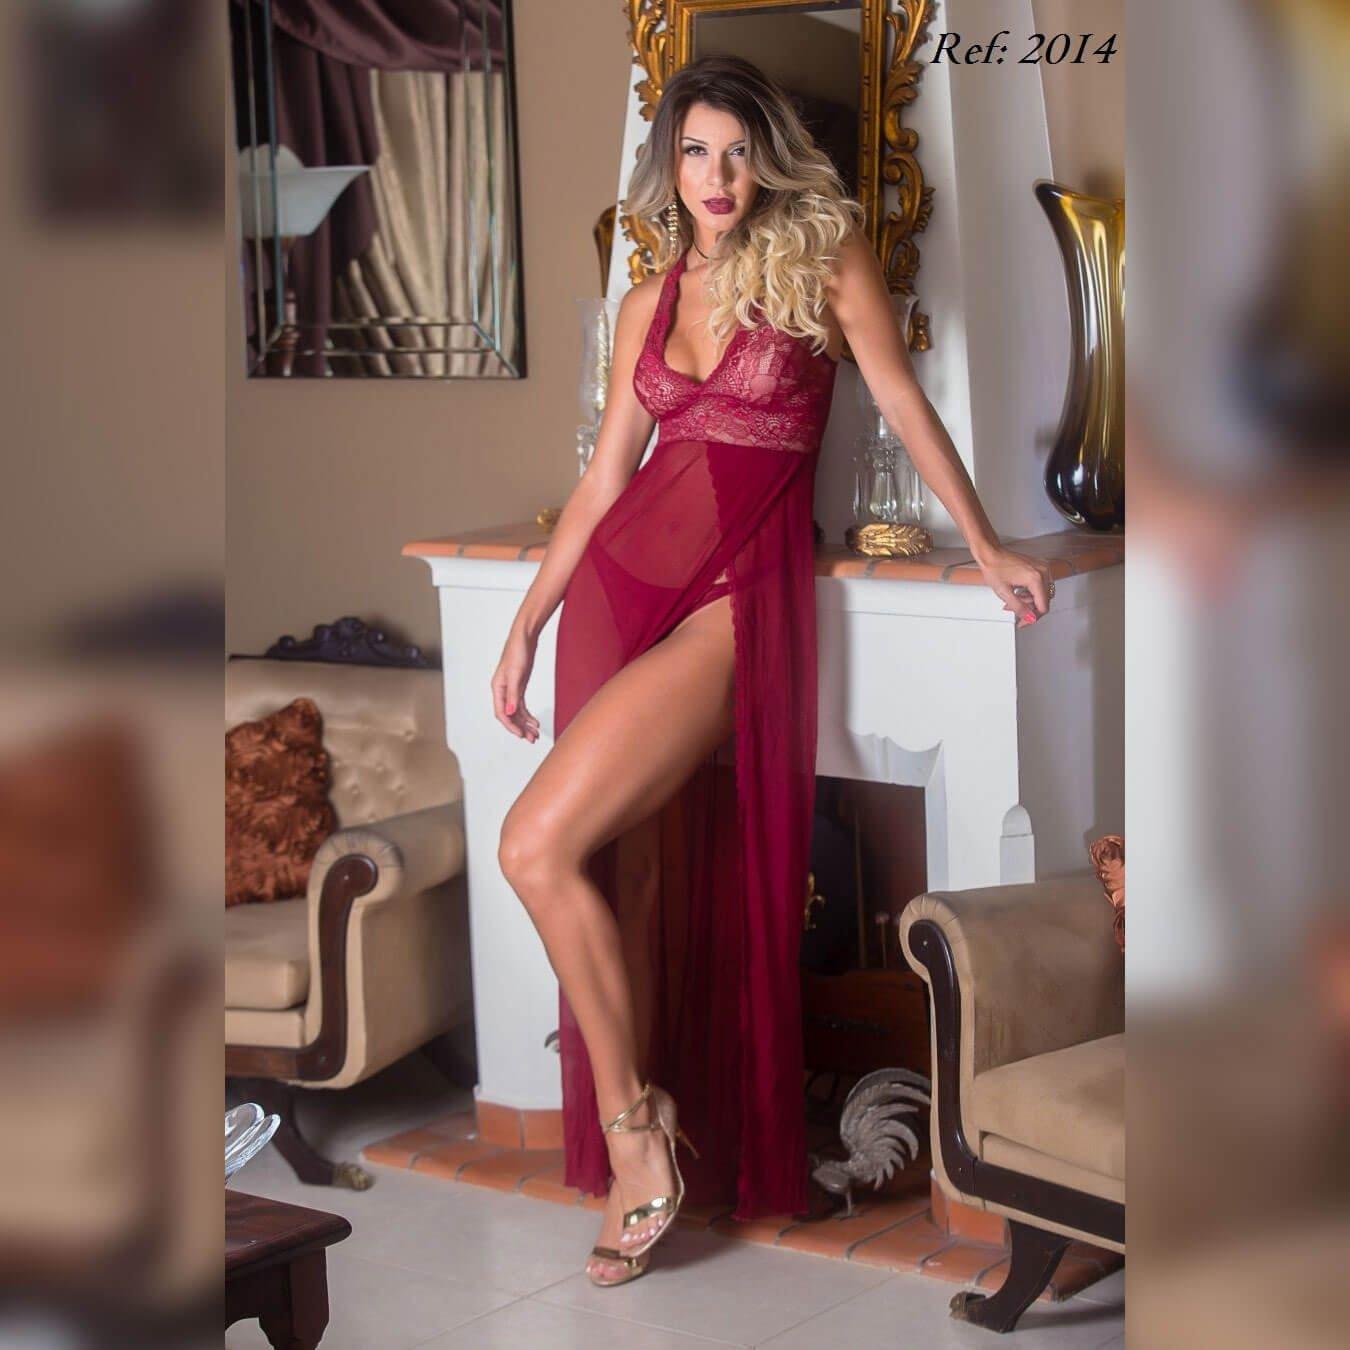 Camisola longa em tule - Lingerie garota veneno  - Sex Shop Cuiaba - Sexshop - Sexyshop - Produtos Eróticos